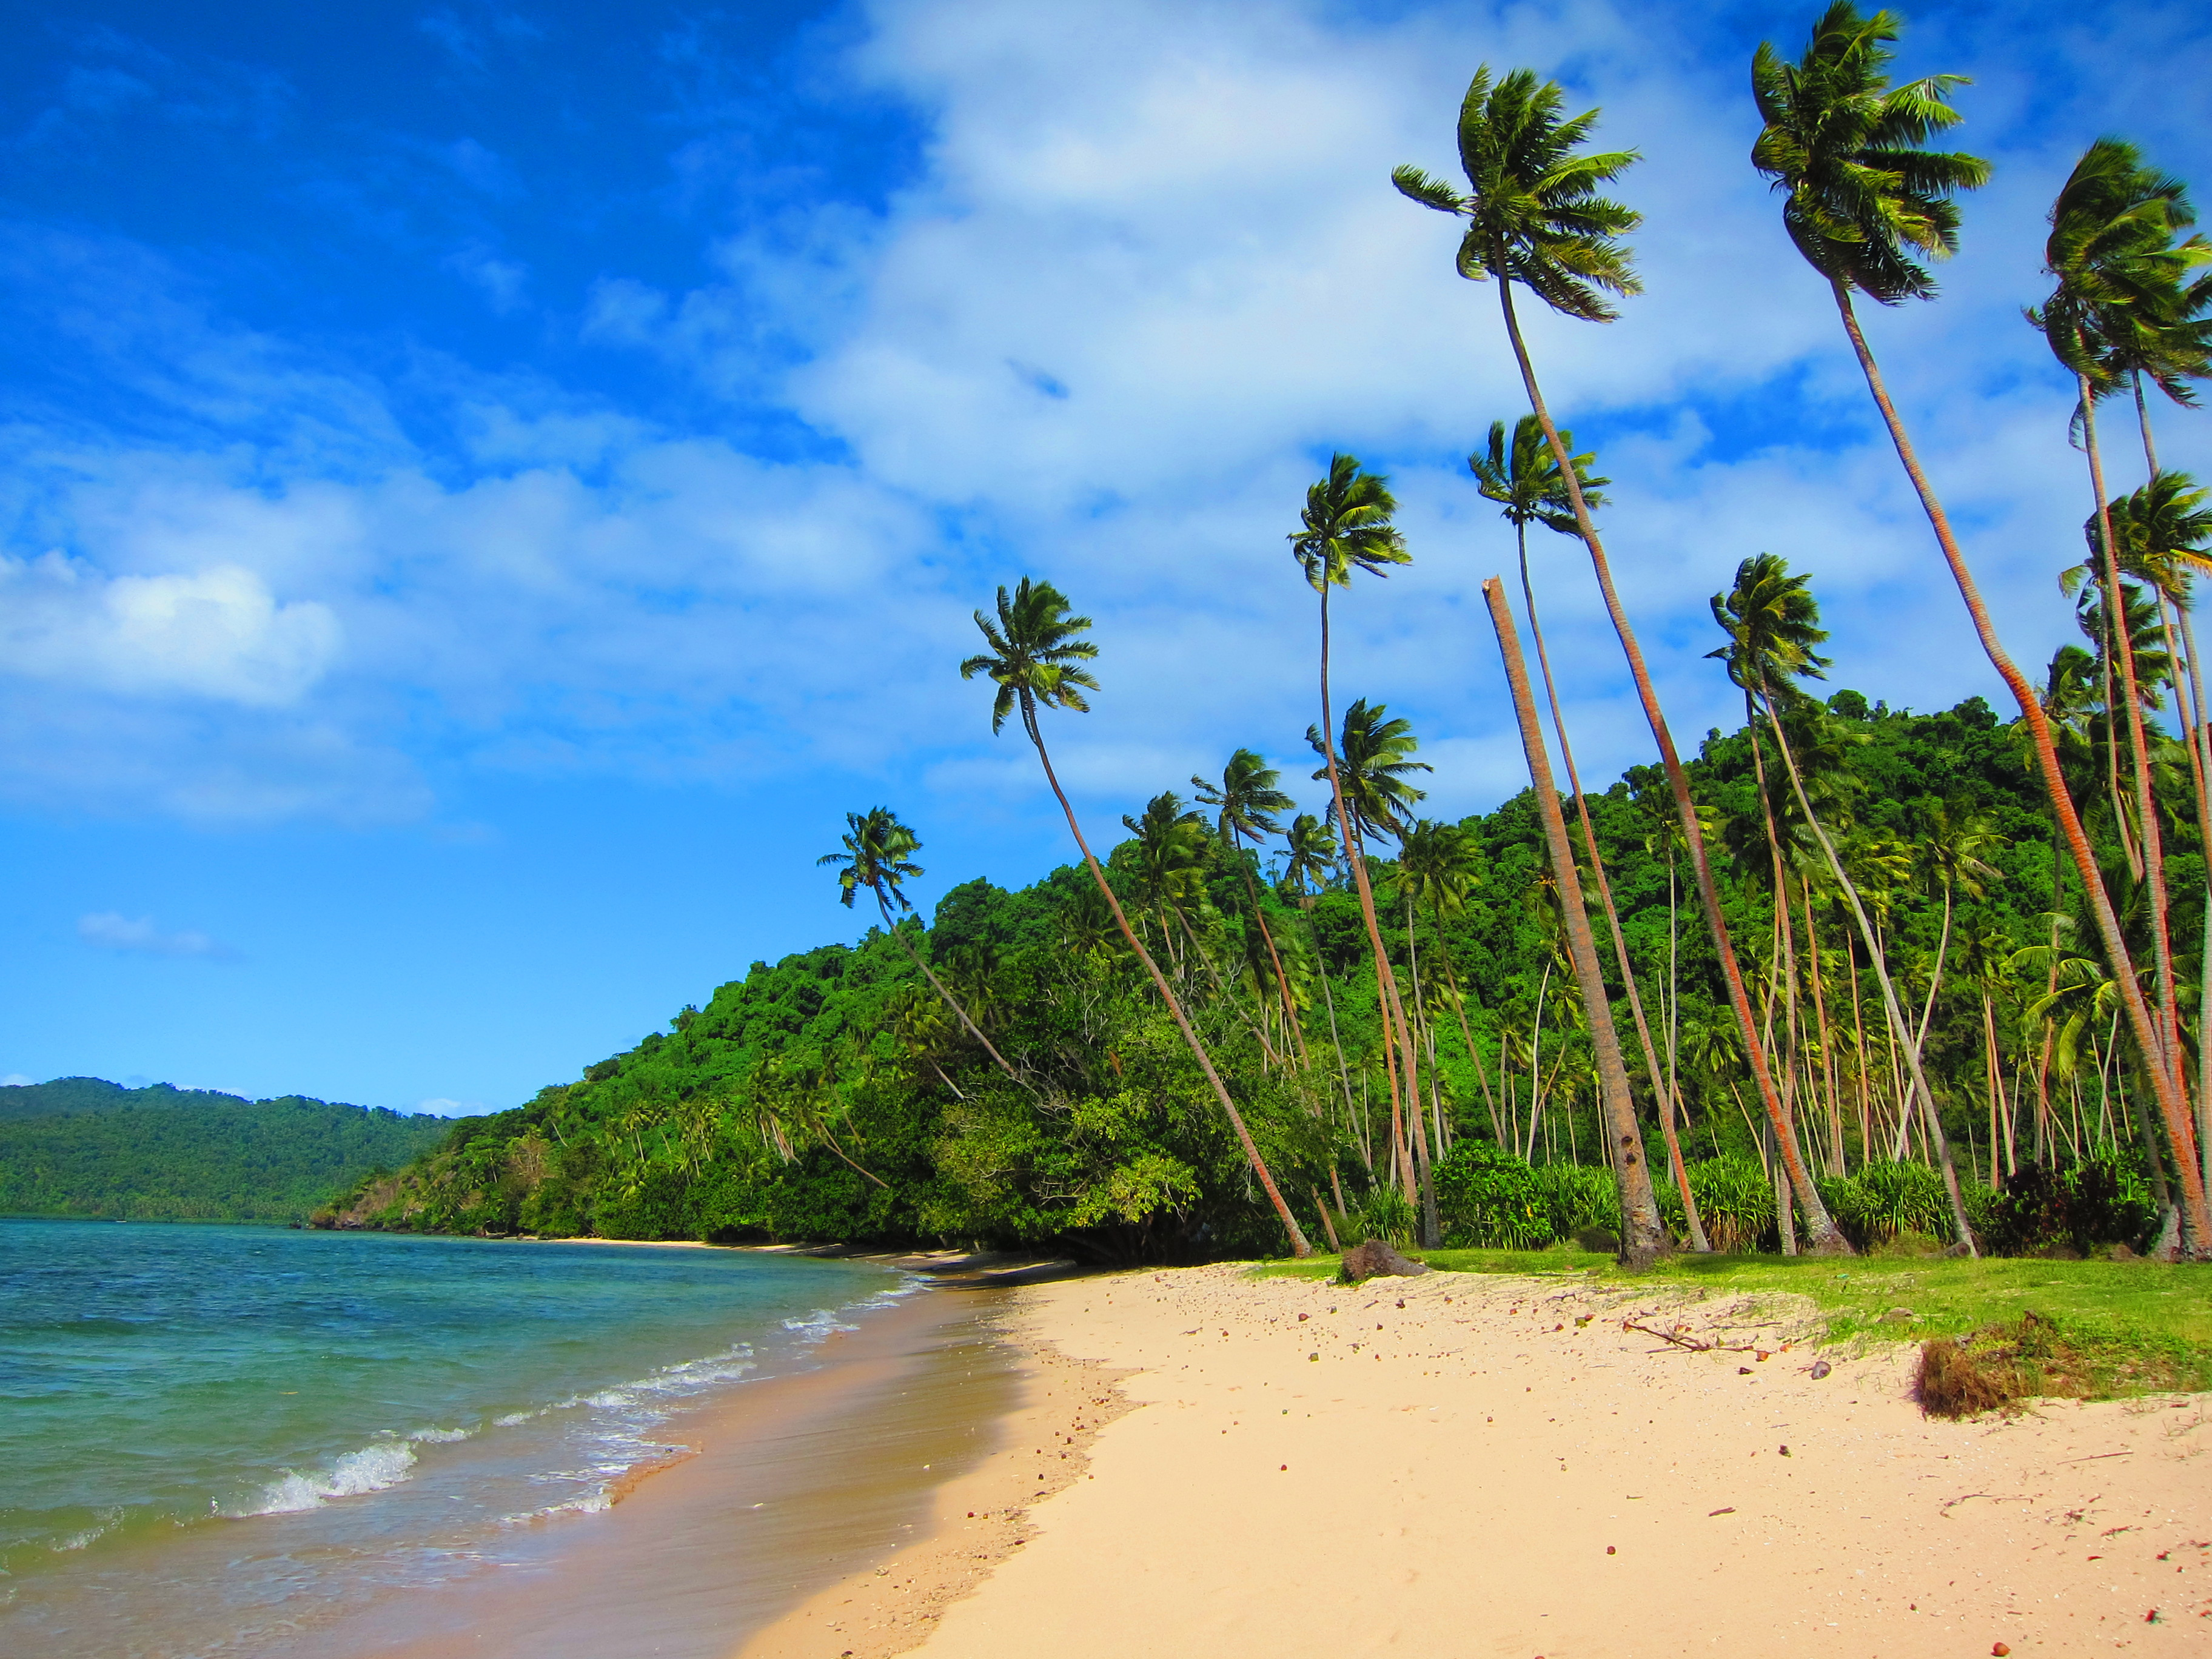 Taveuni Fiji  city pictures gallery : Taveuni, Fiji.